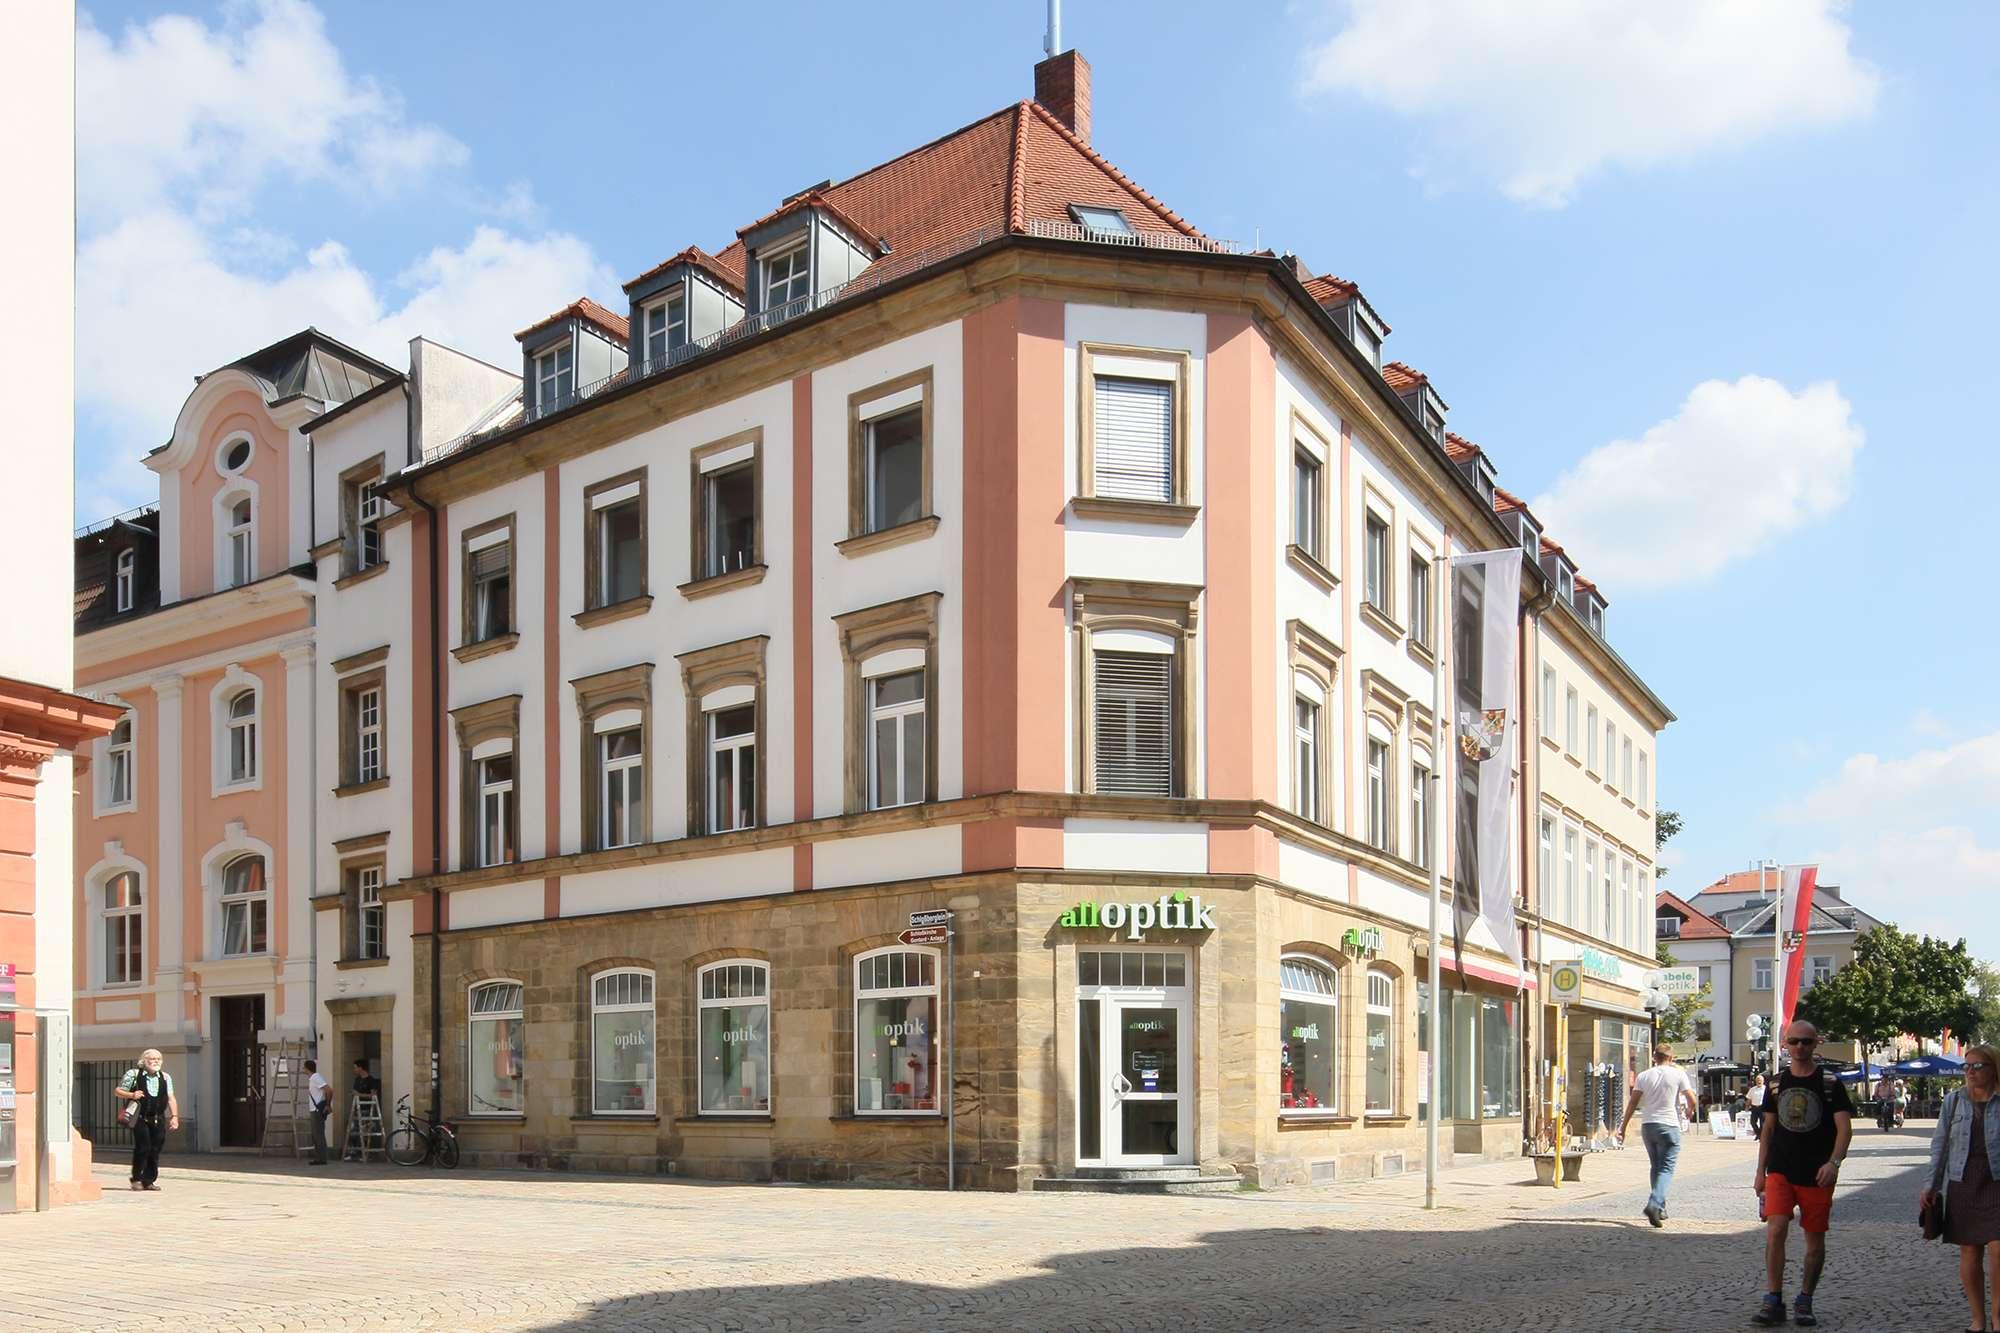 Neu aufgebaute 2-Zimmer-Wohnung mit hochwertiger Küche in Top-Lage am Marktplatz, auch WG-geeignet!